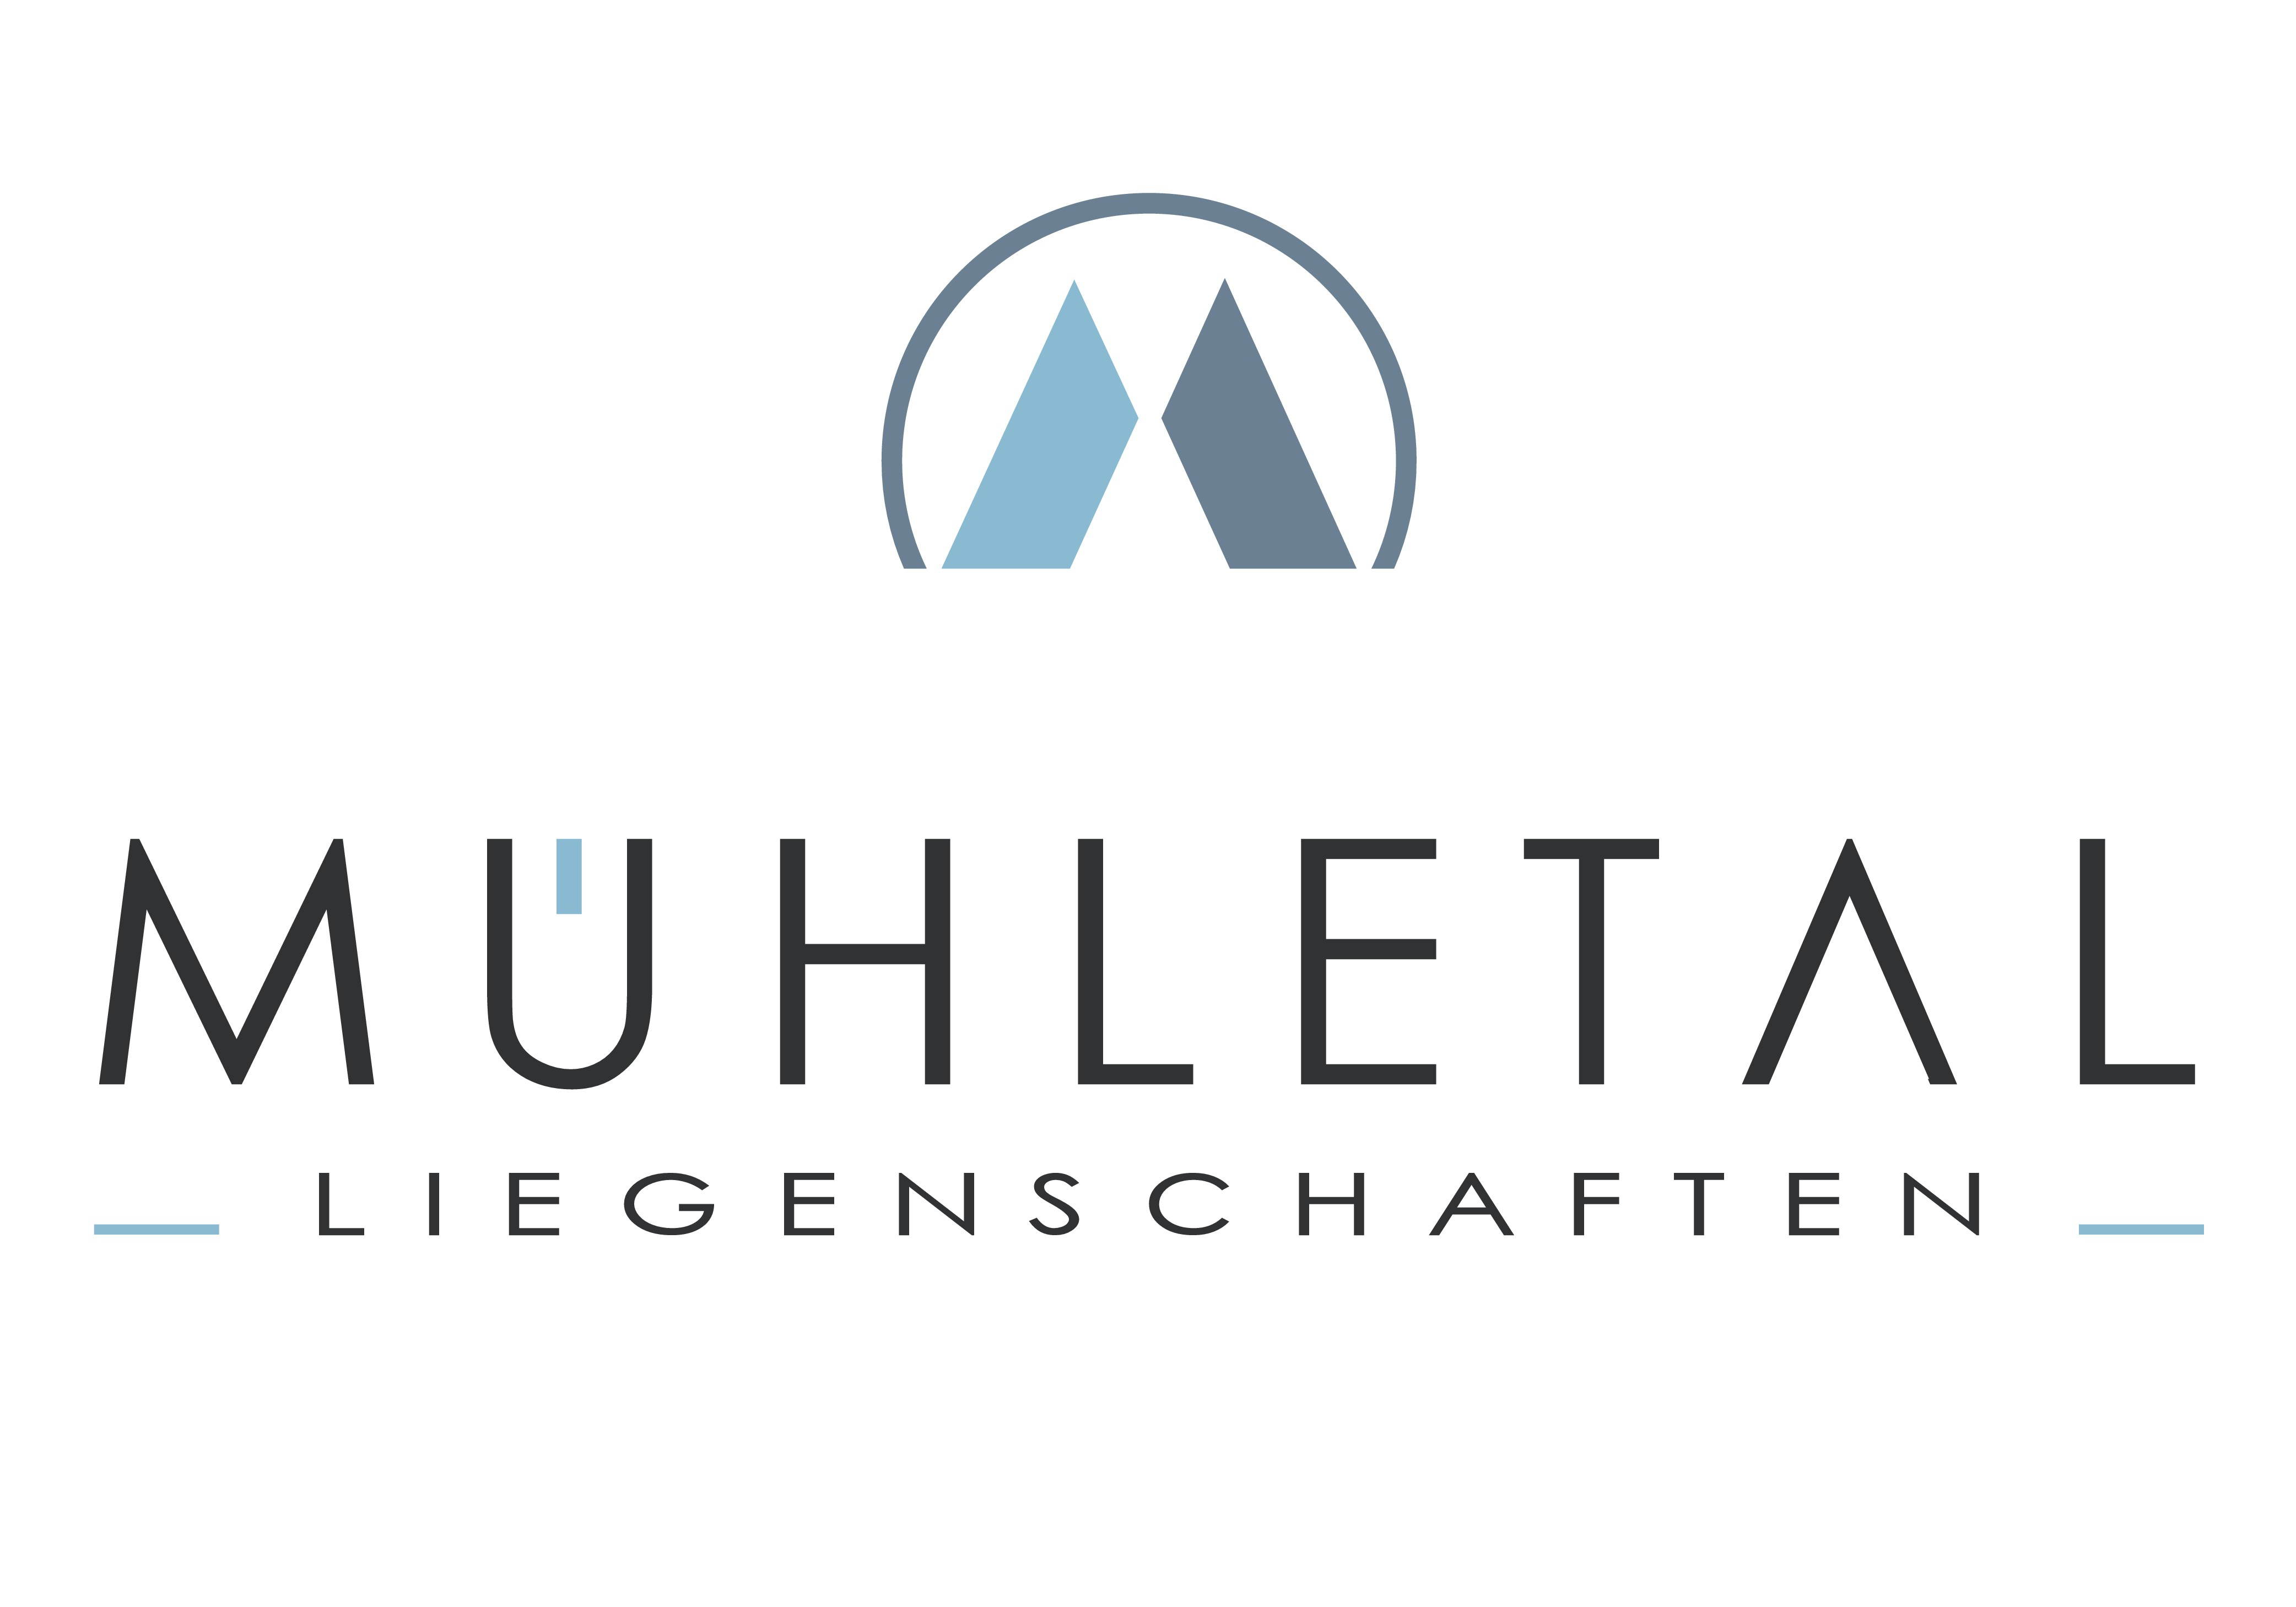 Schweizer Immobilien-Unternehmen für exklusive Wohnimmobilien benötigt Firmenlogo